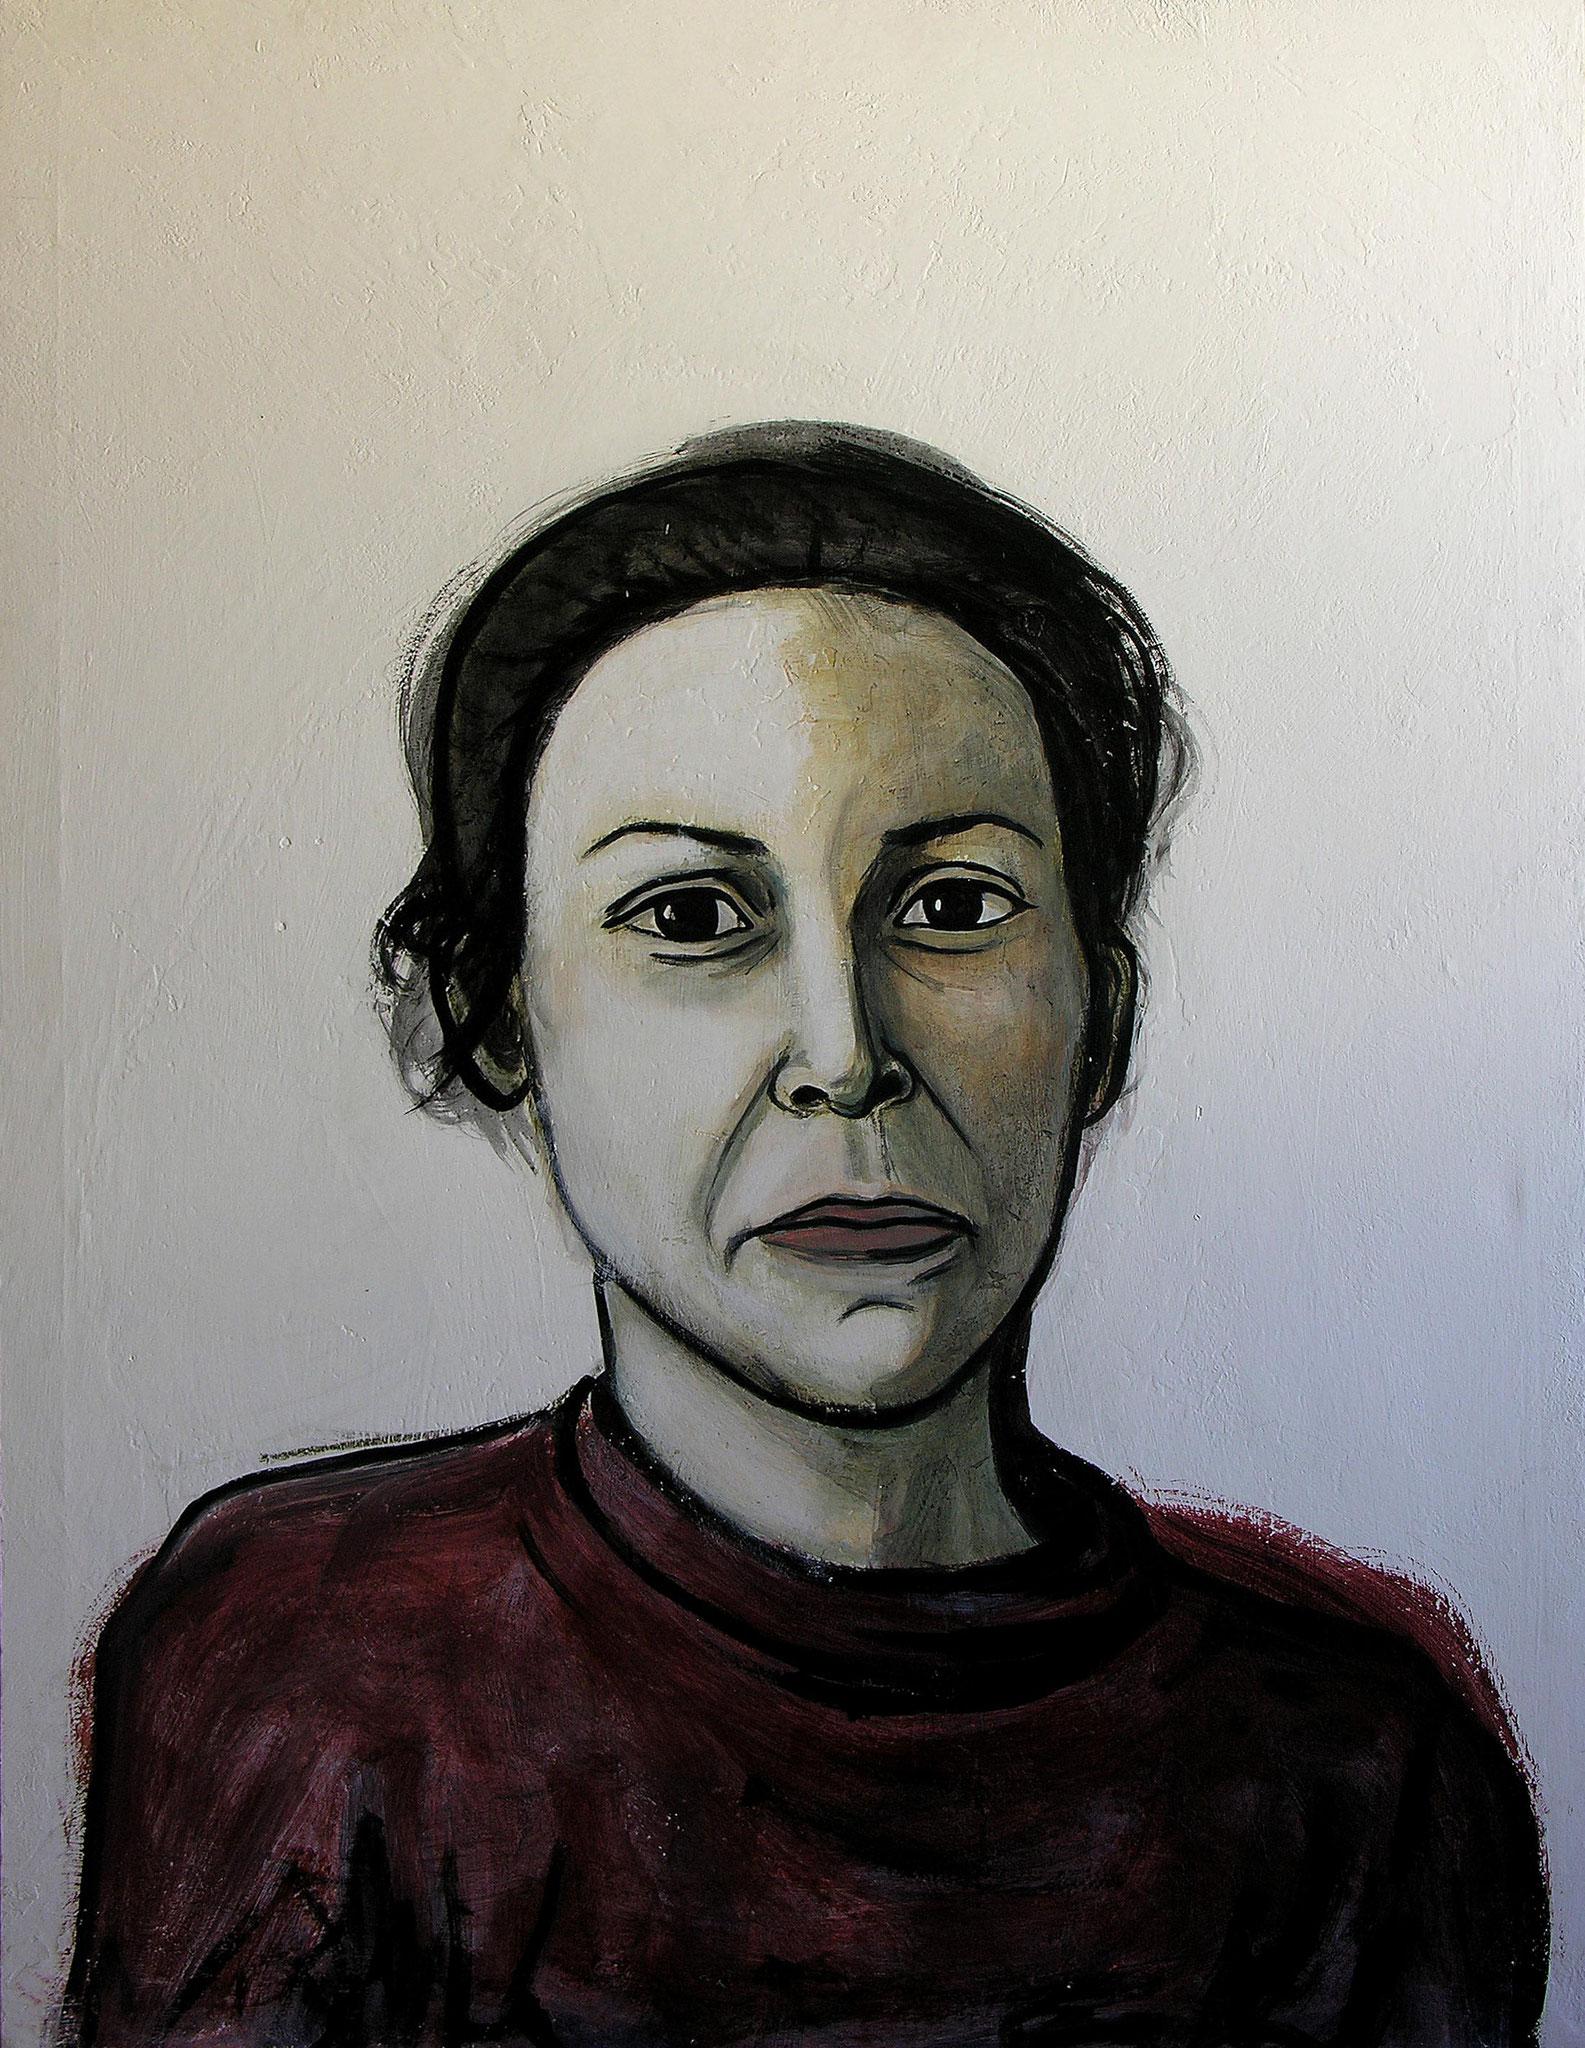 Sister, Acrylic on canvas, 90 x 130 cm, 2005